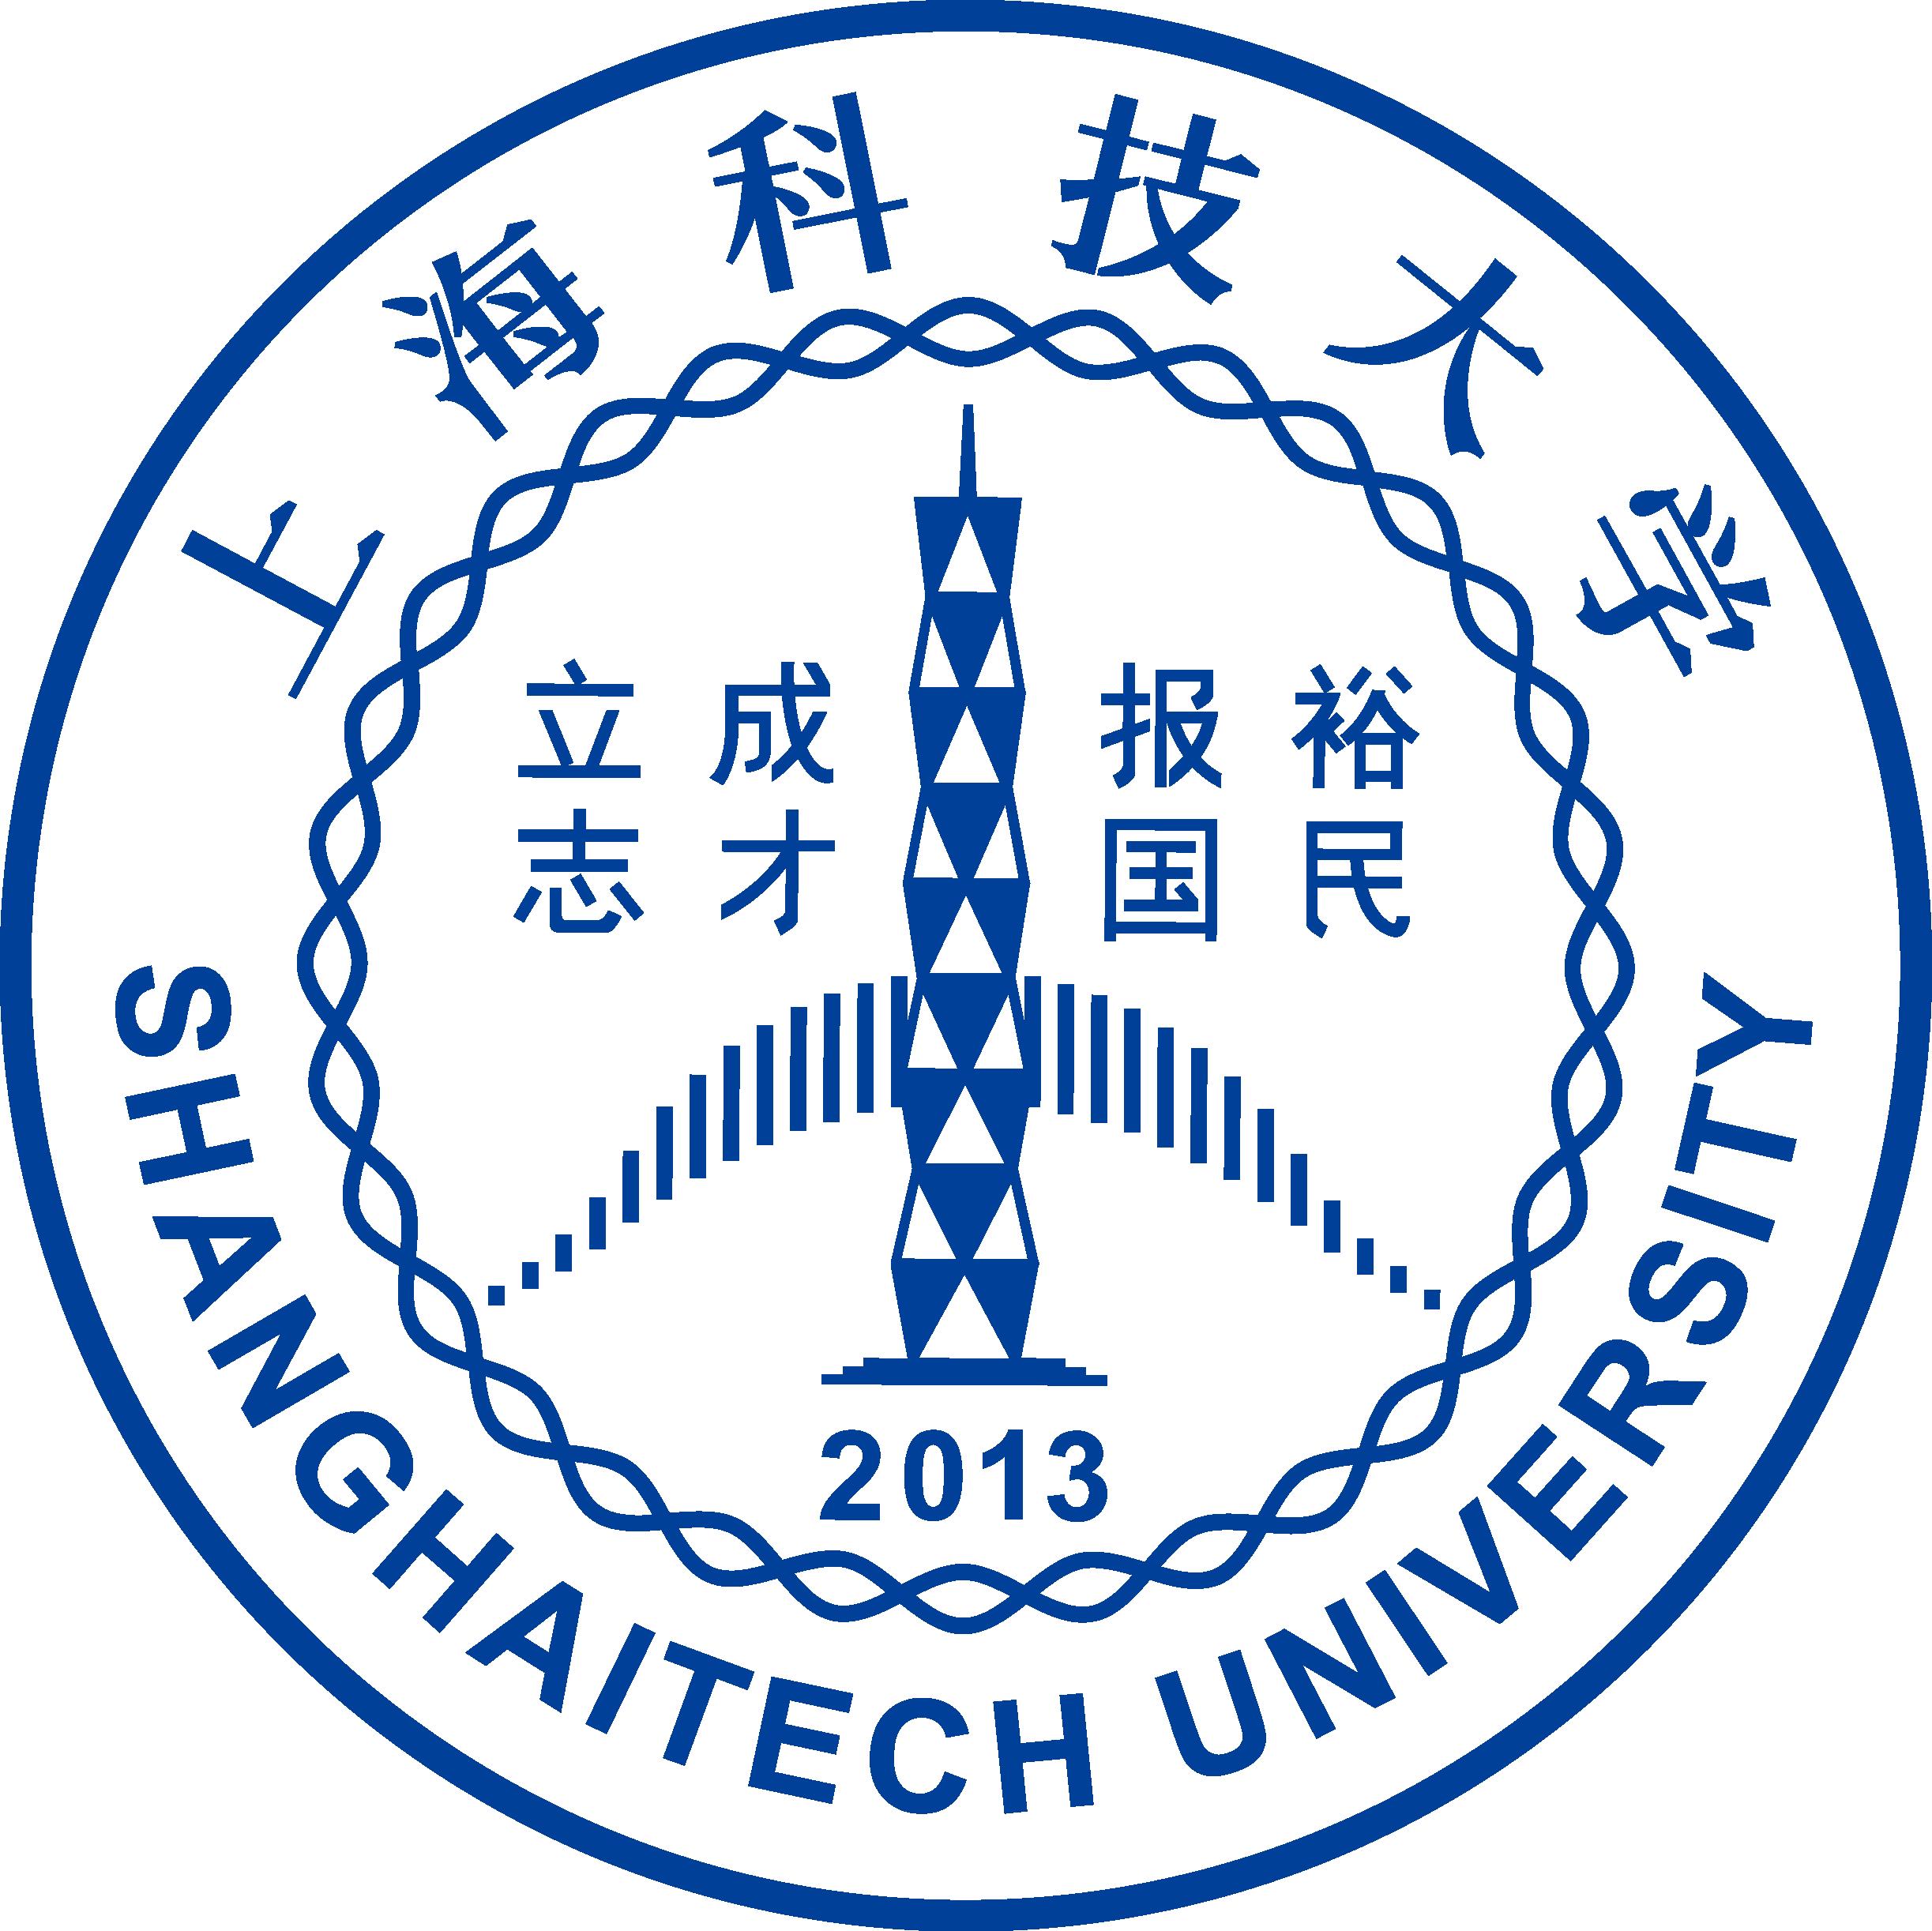 ShanghaiTech Blue